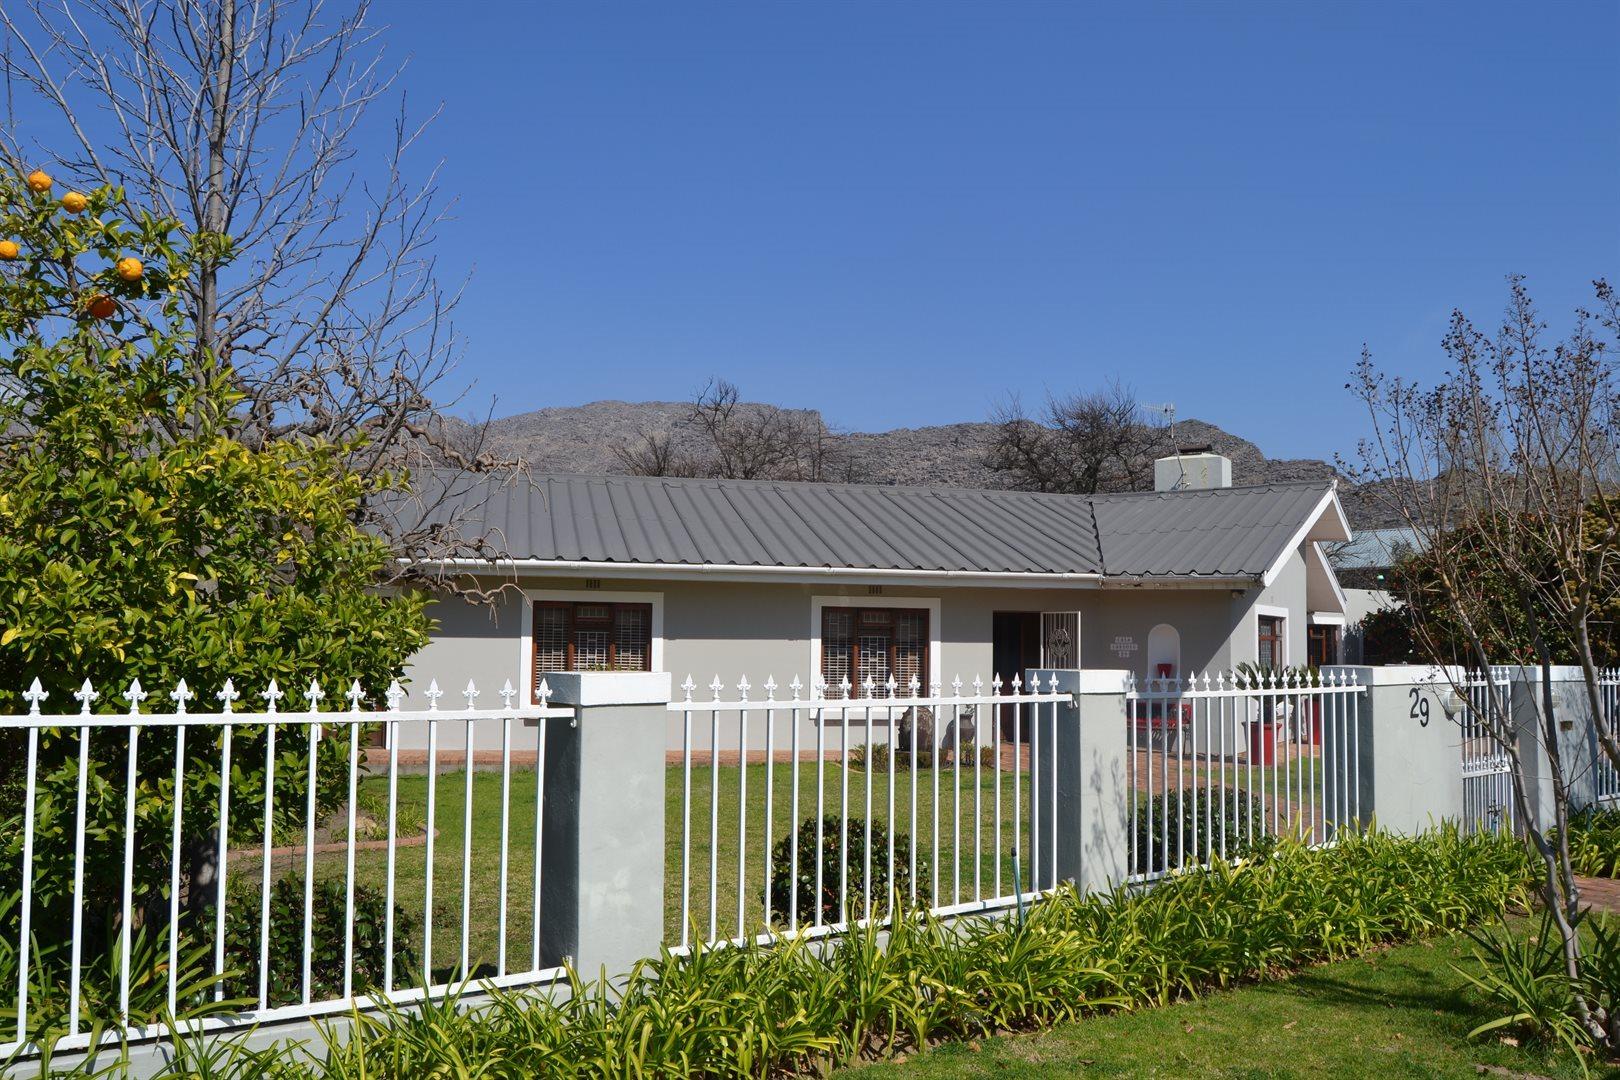 House To Rent In Ceres 4 Bedroom 13571902 5 4 Cyberprop